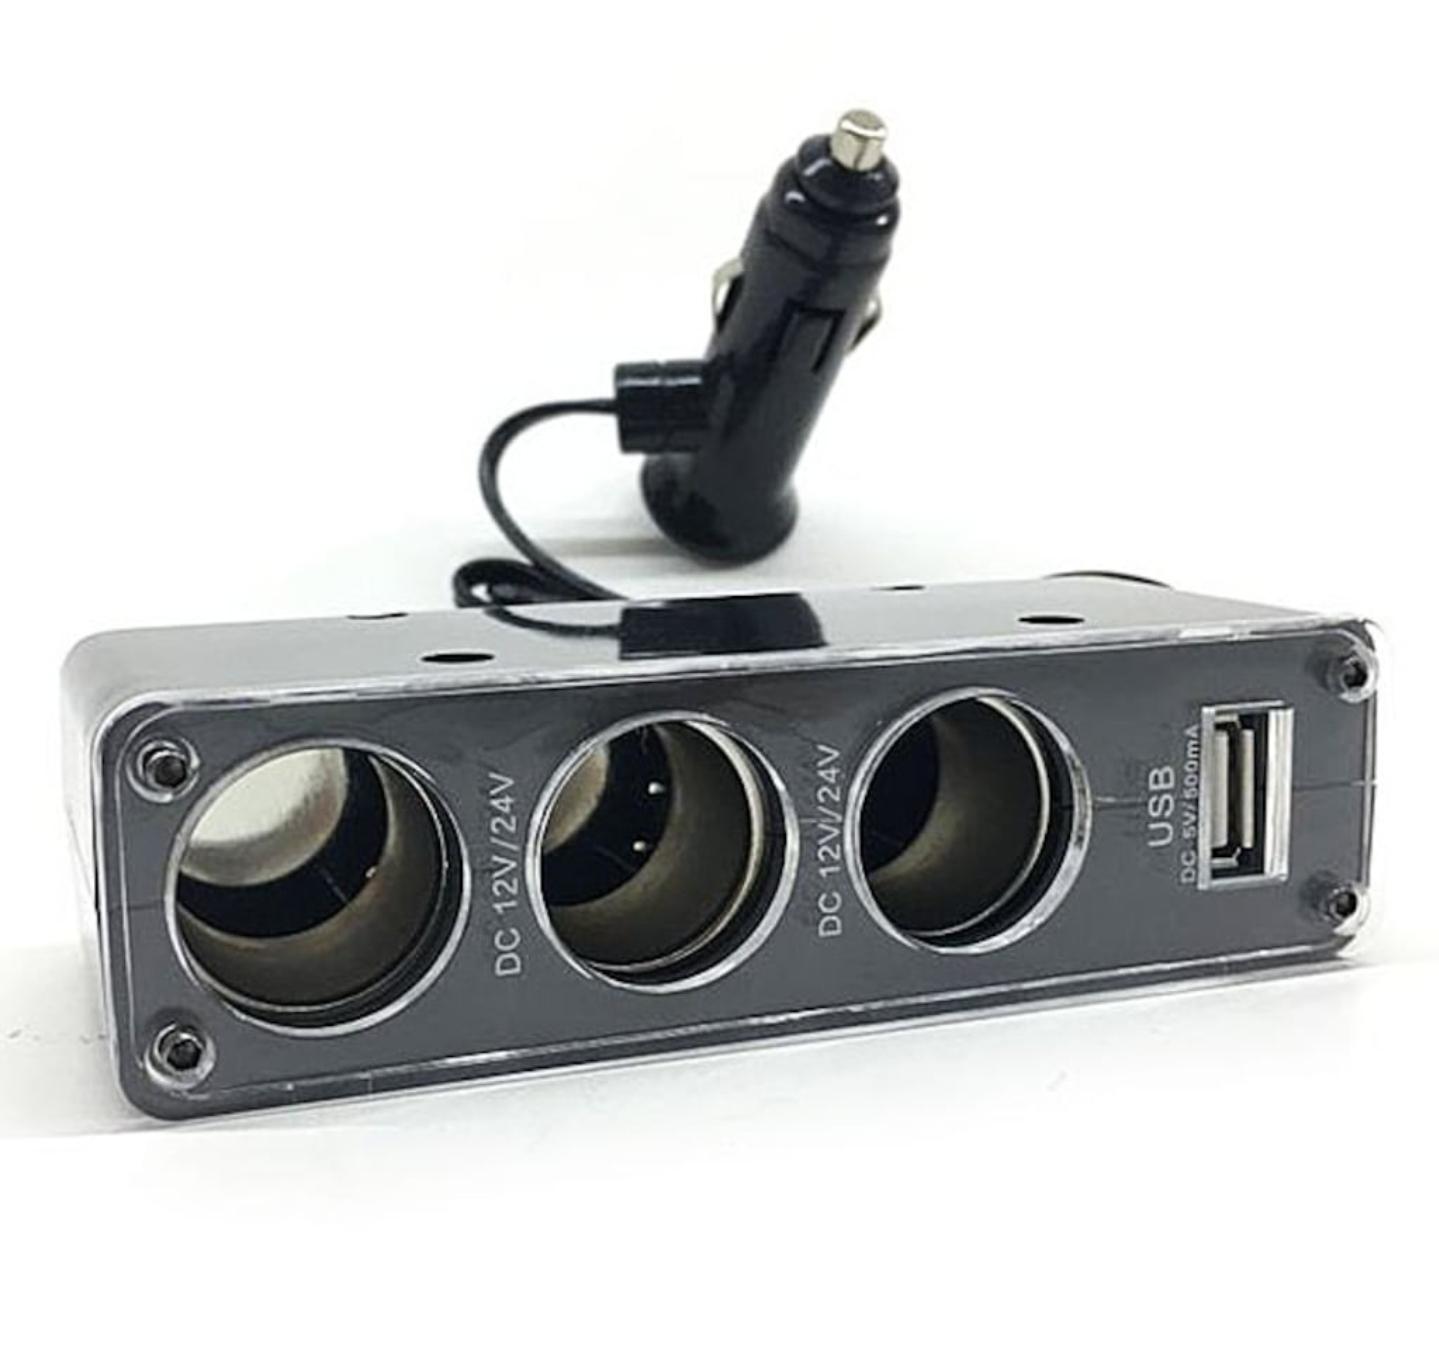 Araç Çakmak Soket çoklayıcı 3+1 Mini Çift USB Port Şarj Adaptörü Yılında 12 V Evrensel fiş